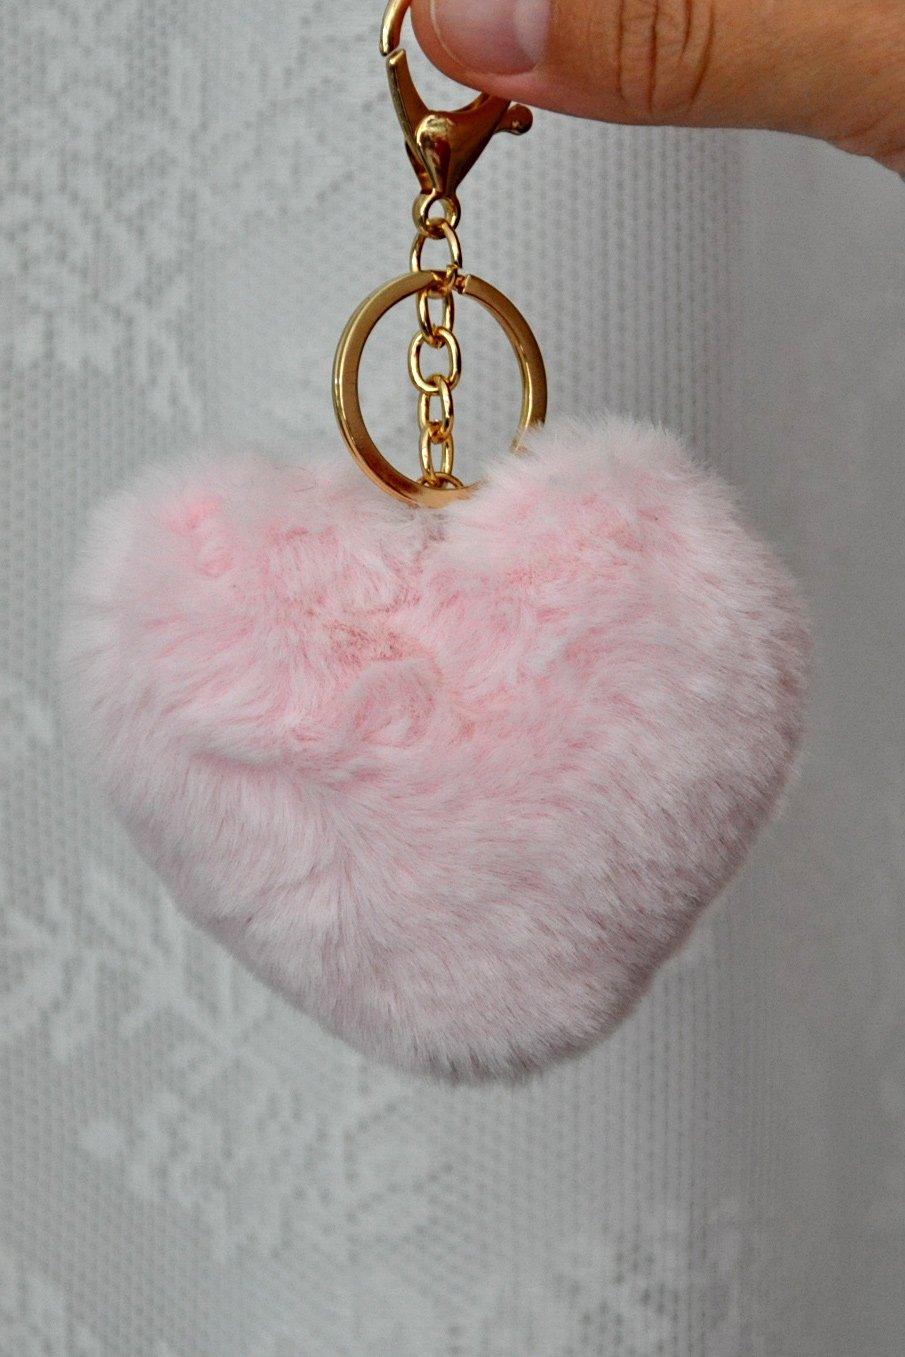 γούνινο μπρελόκ με ροζ φούντα σε σχήμα καρδιάς